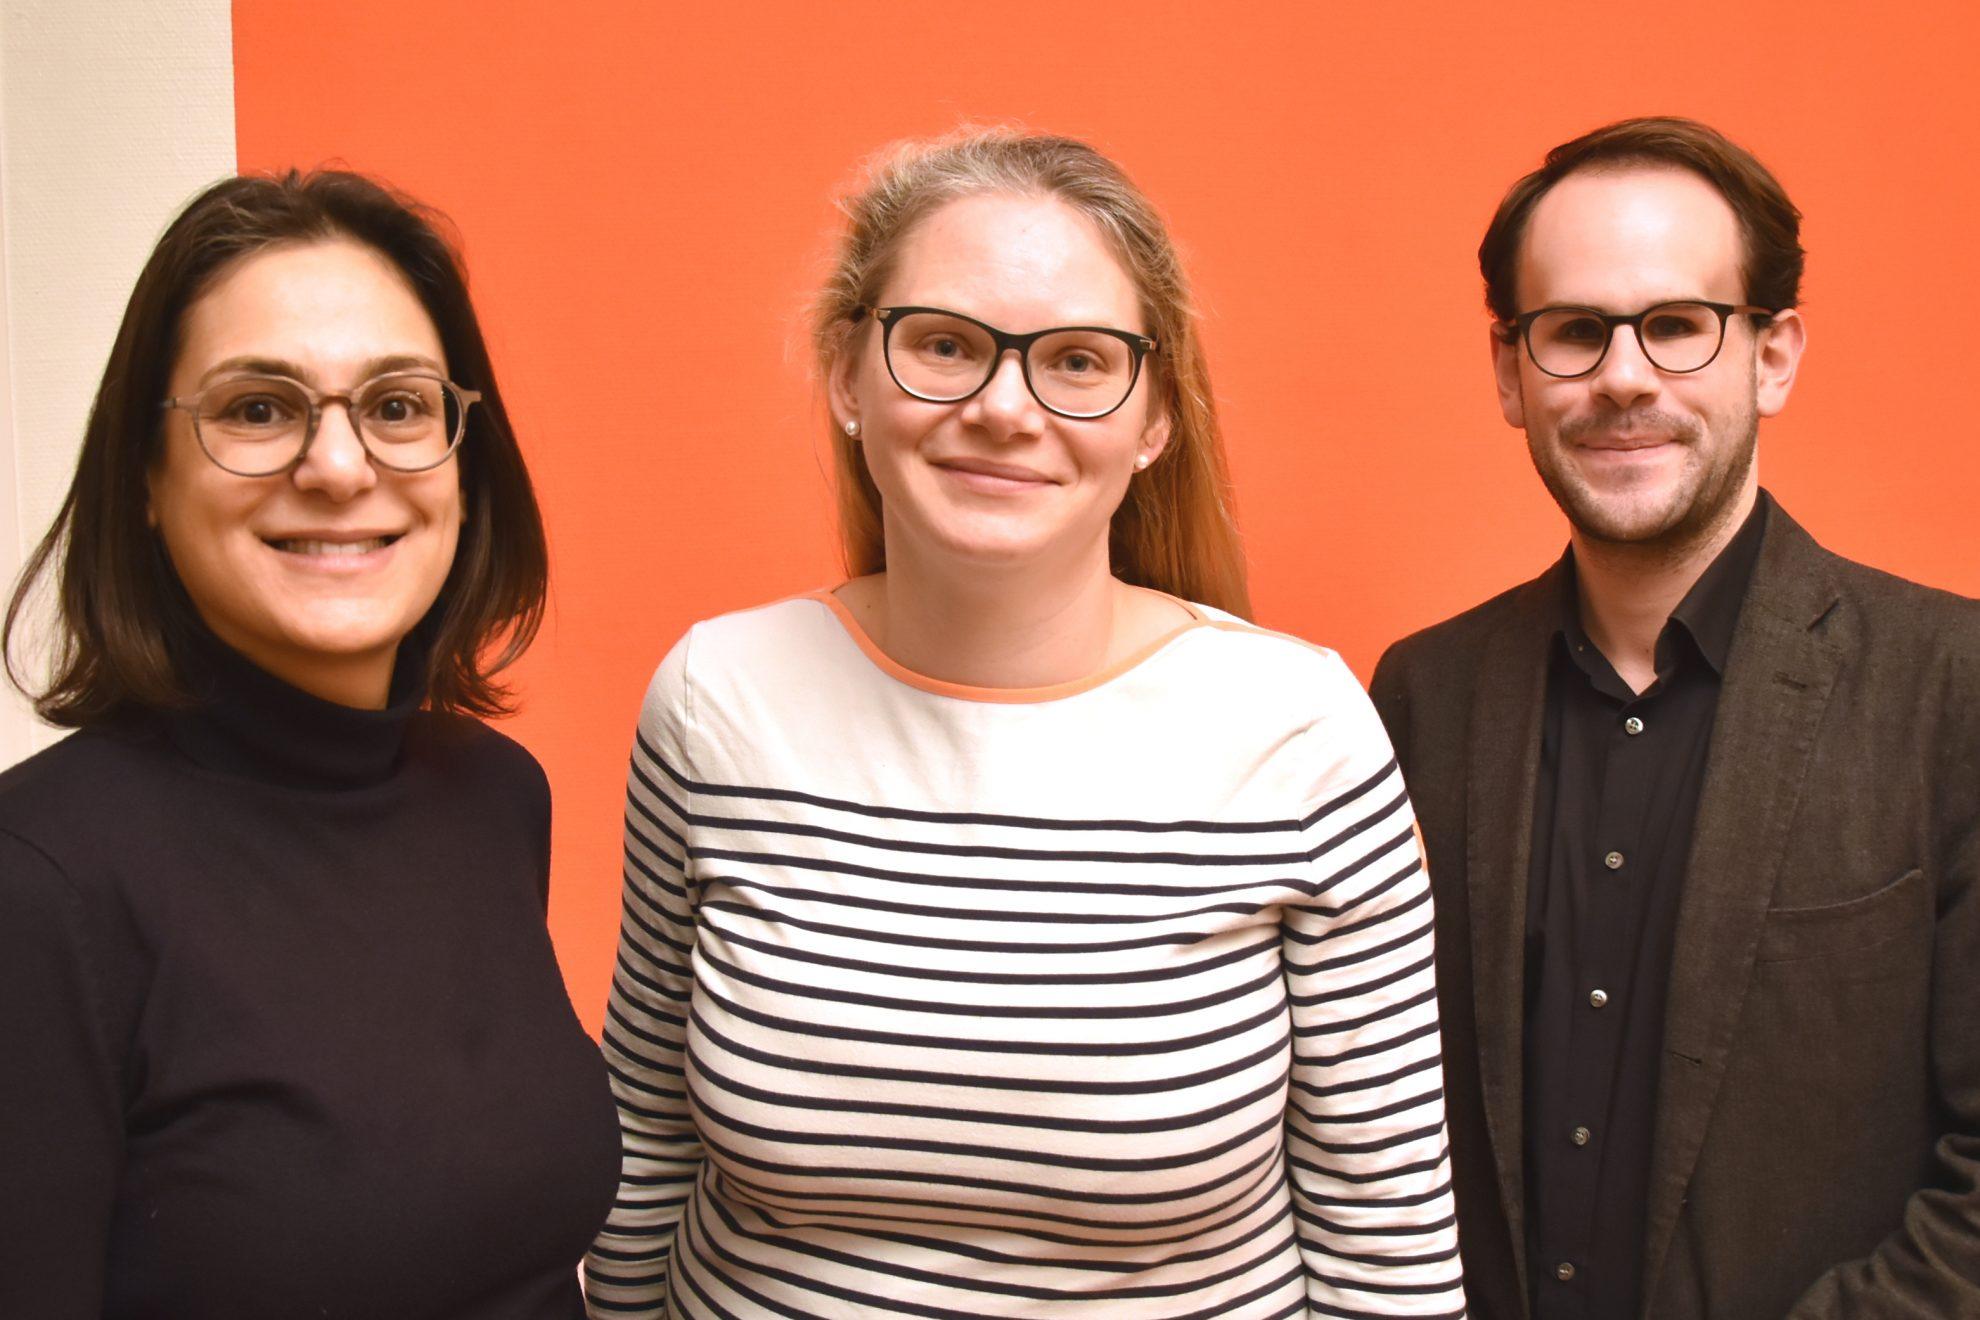 Serpil Midyatli, Ann-Kathrin Tranziska und Steffen Regis